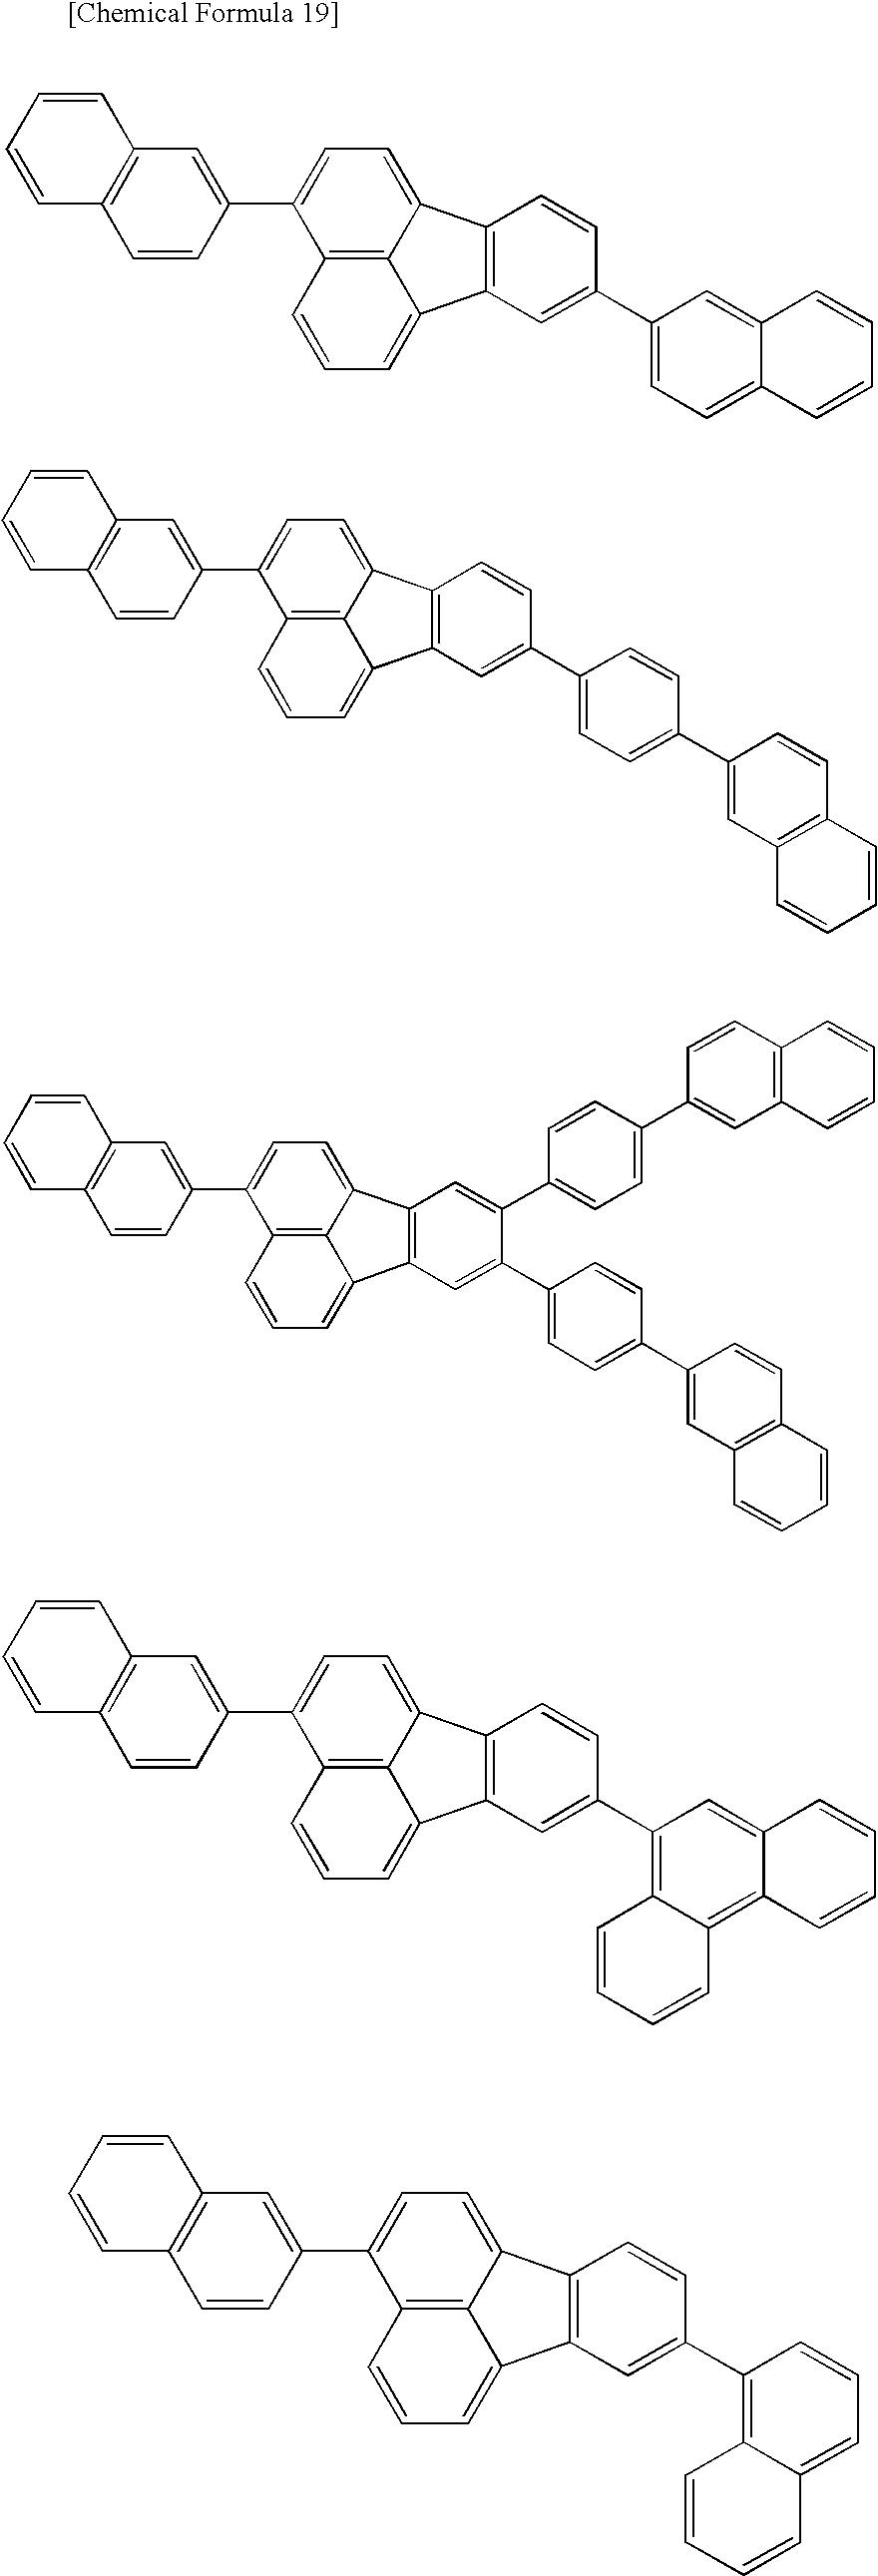 Figure US20100171109A1-20100708-C00030